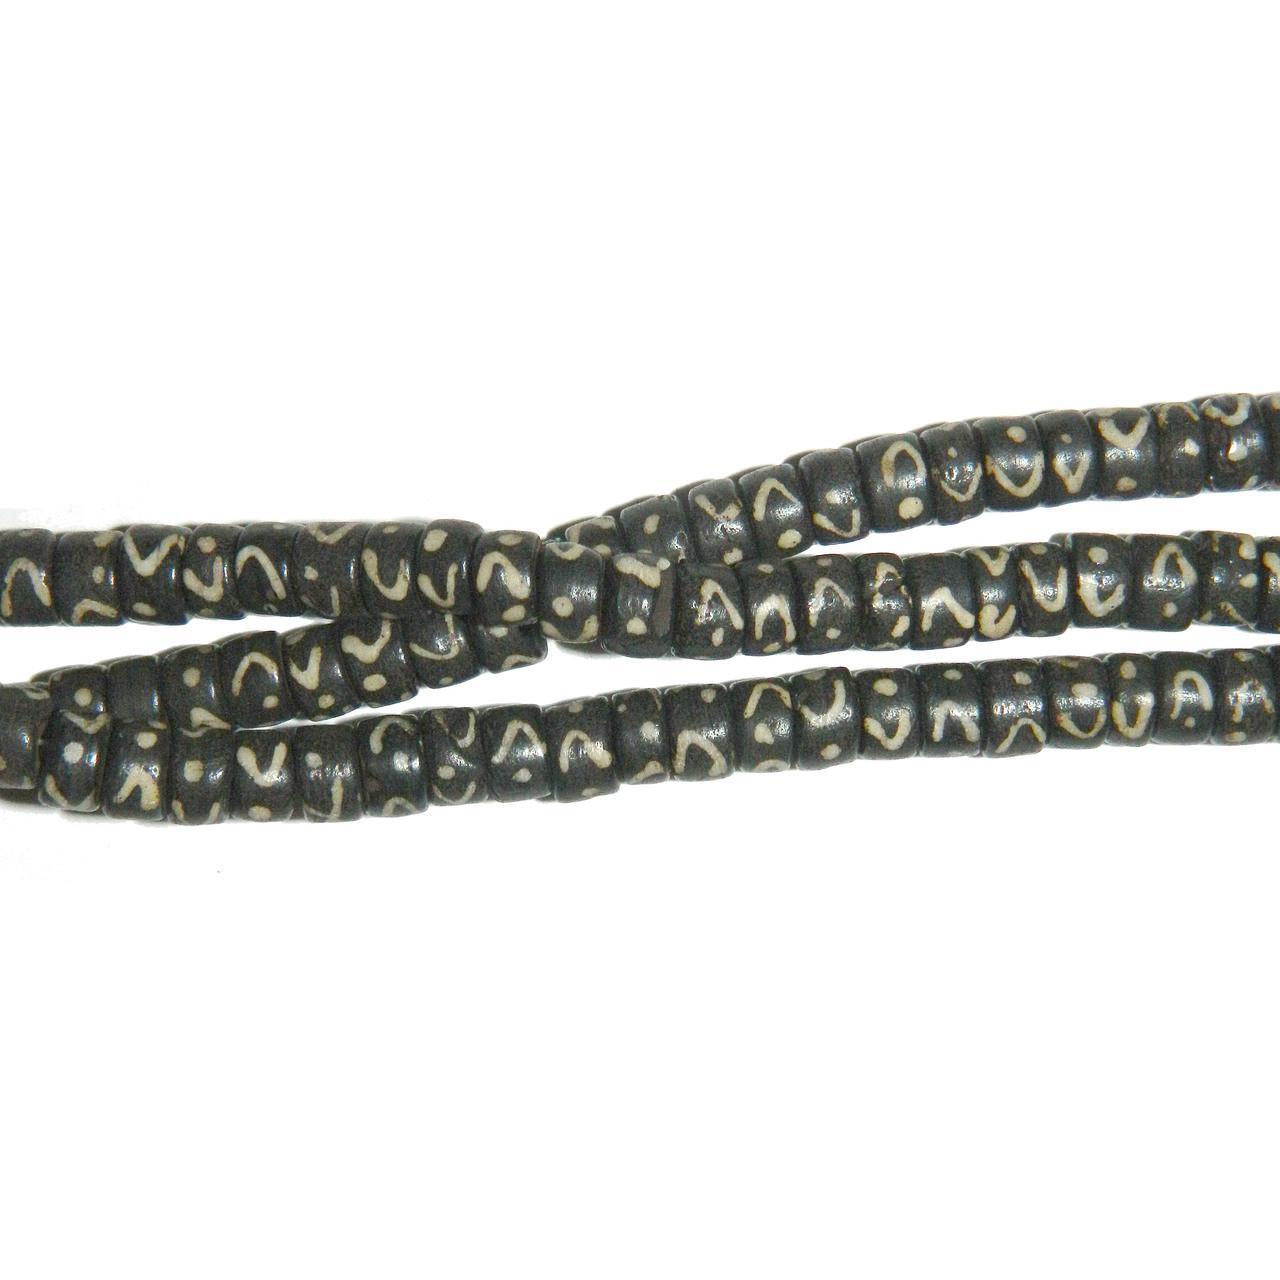 7x4mm Heishi Hand Carved Bone Beads 7